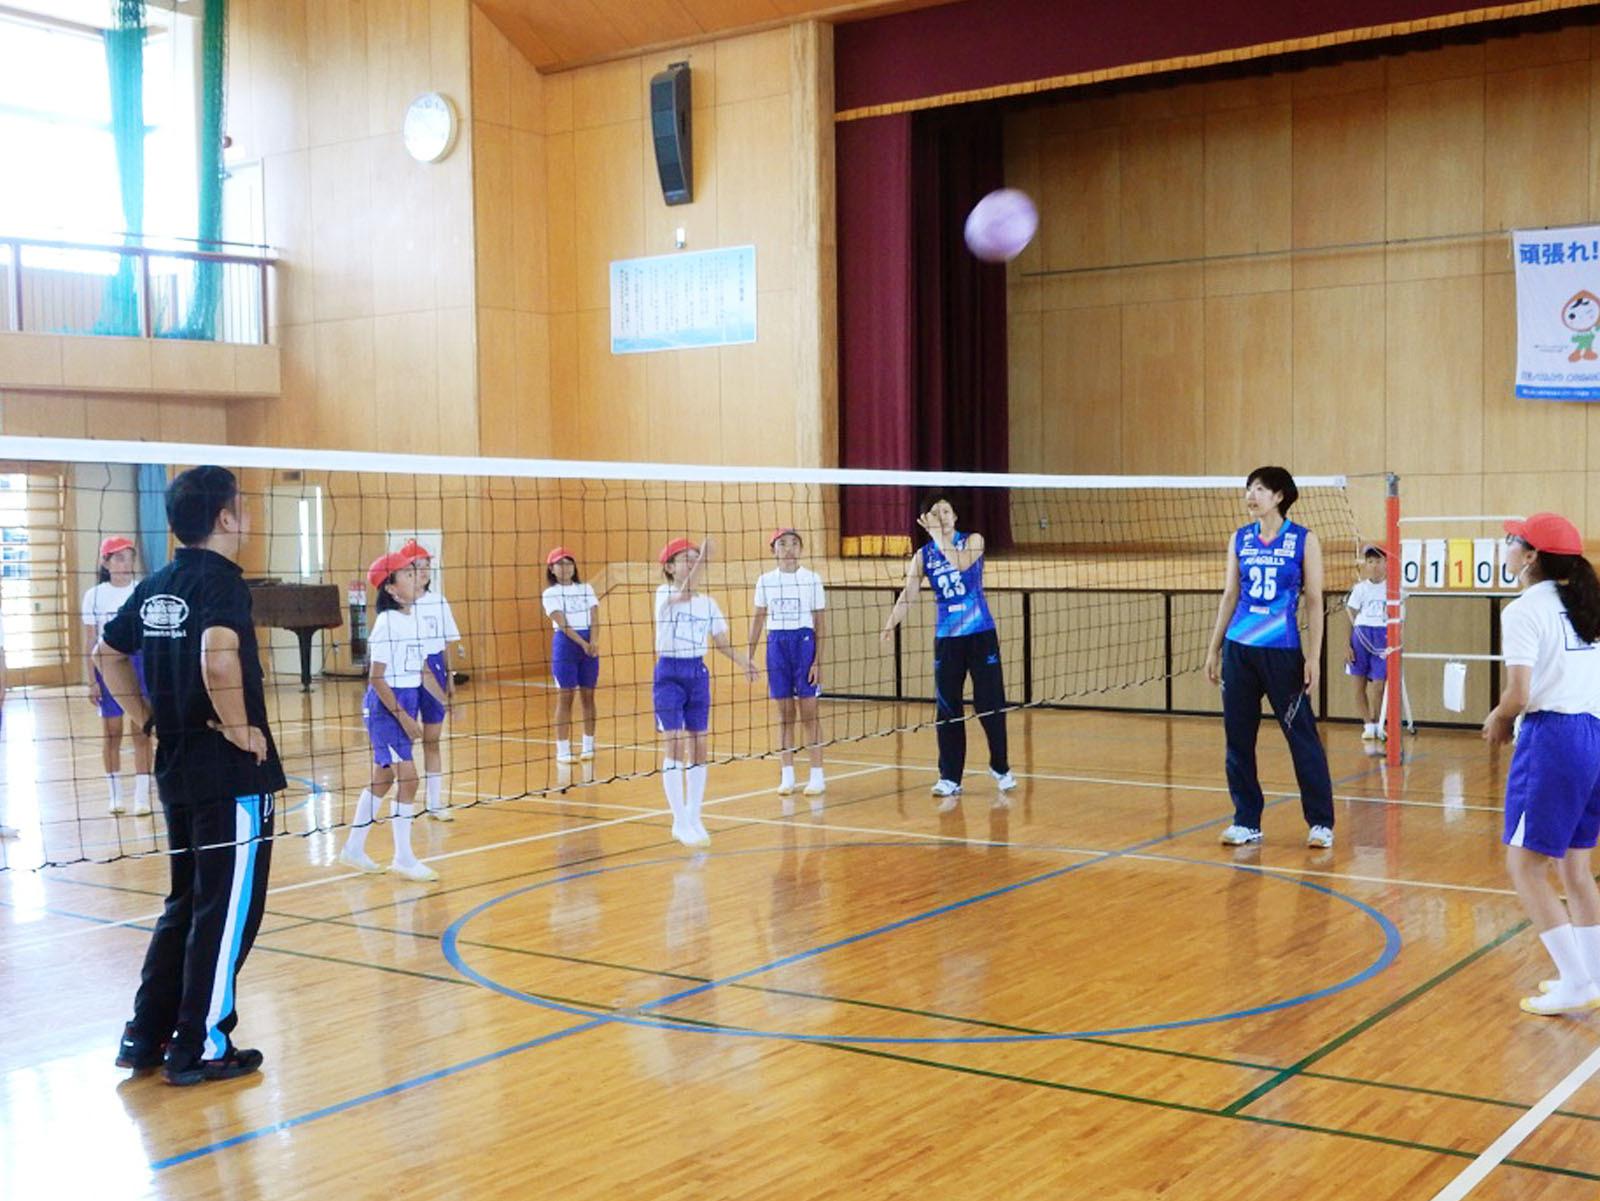 人権スポーツ教室_琴浦西小学校_11.jpg